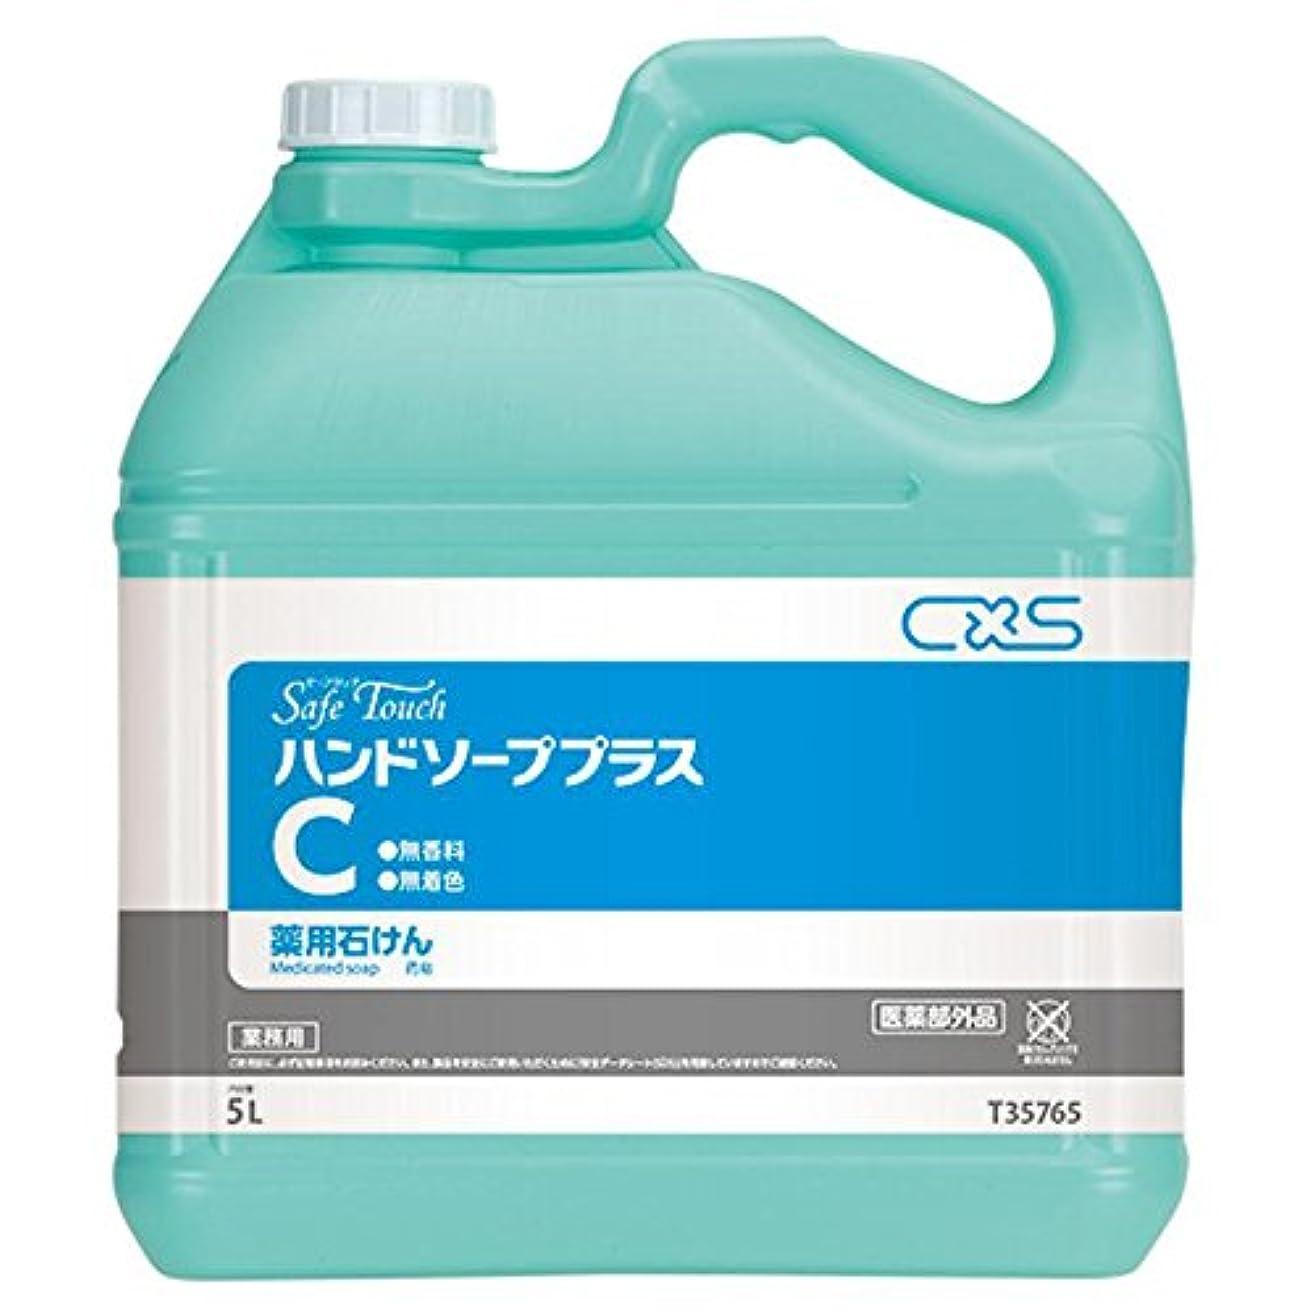 最近レスリングはげシーバイエス(C×S) 手洗い用石鹸 セーフタッチハンドソーププラスC 5L